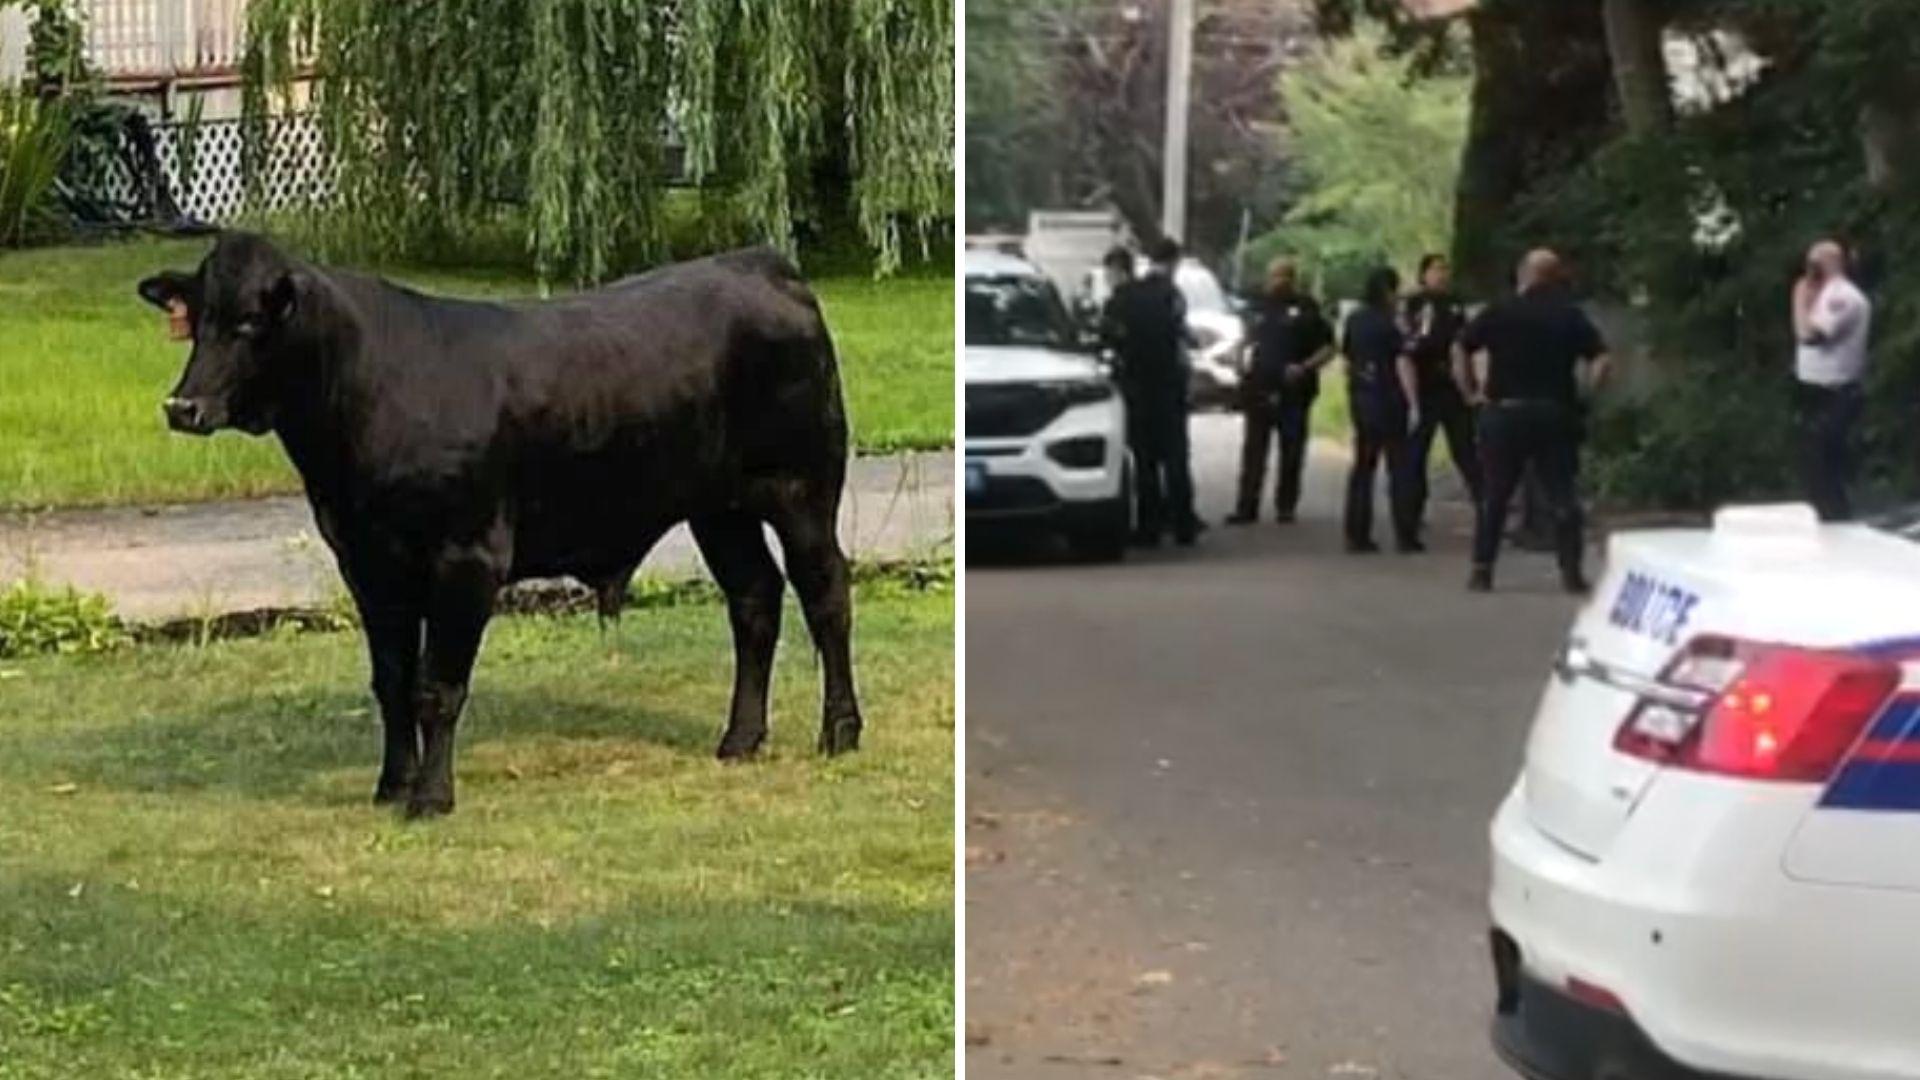 Bull on the loose on LI